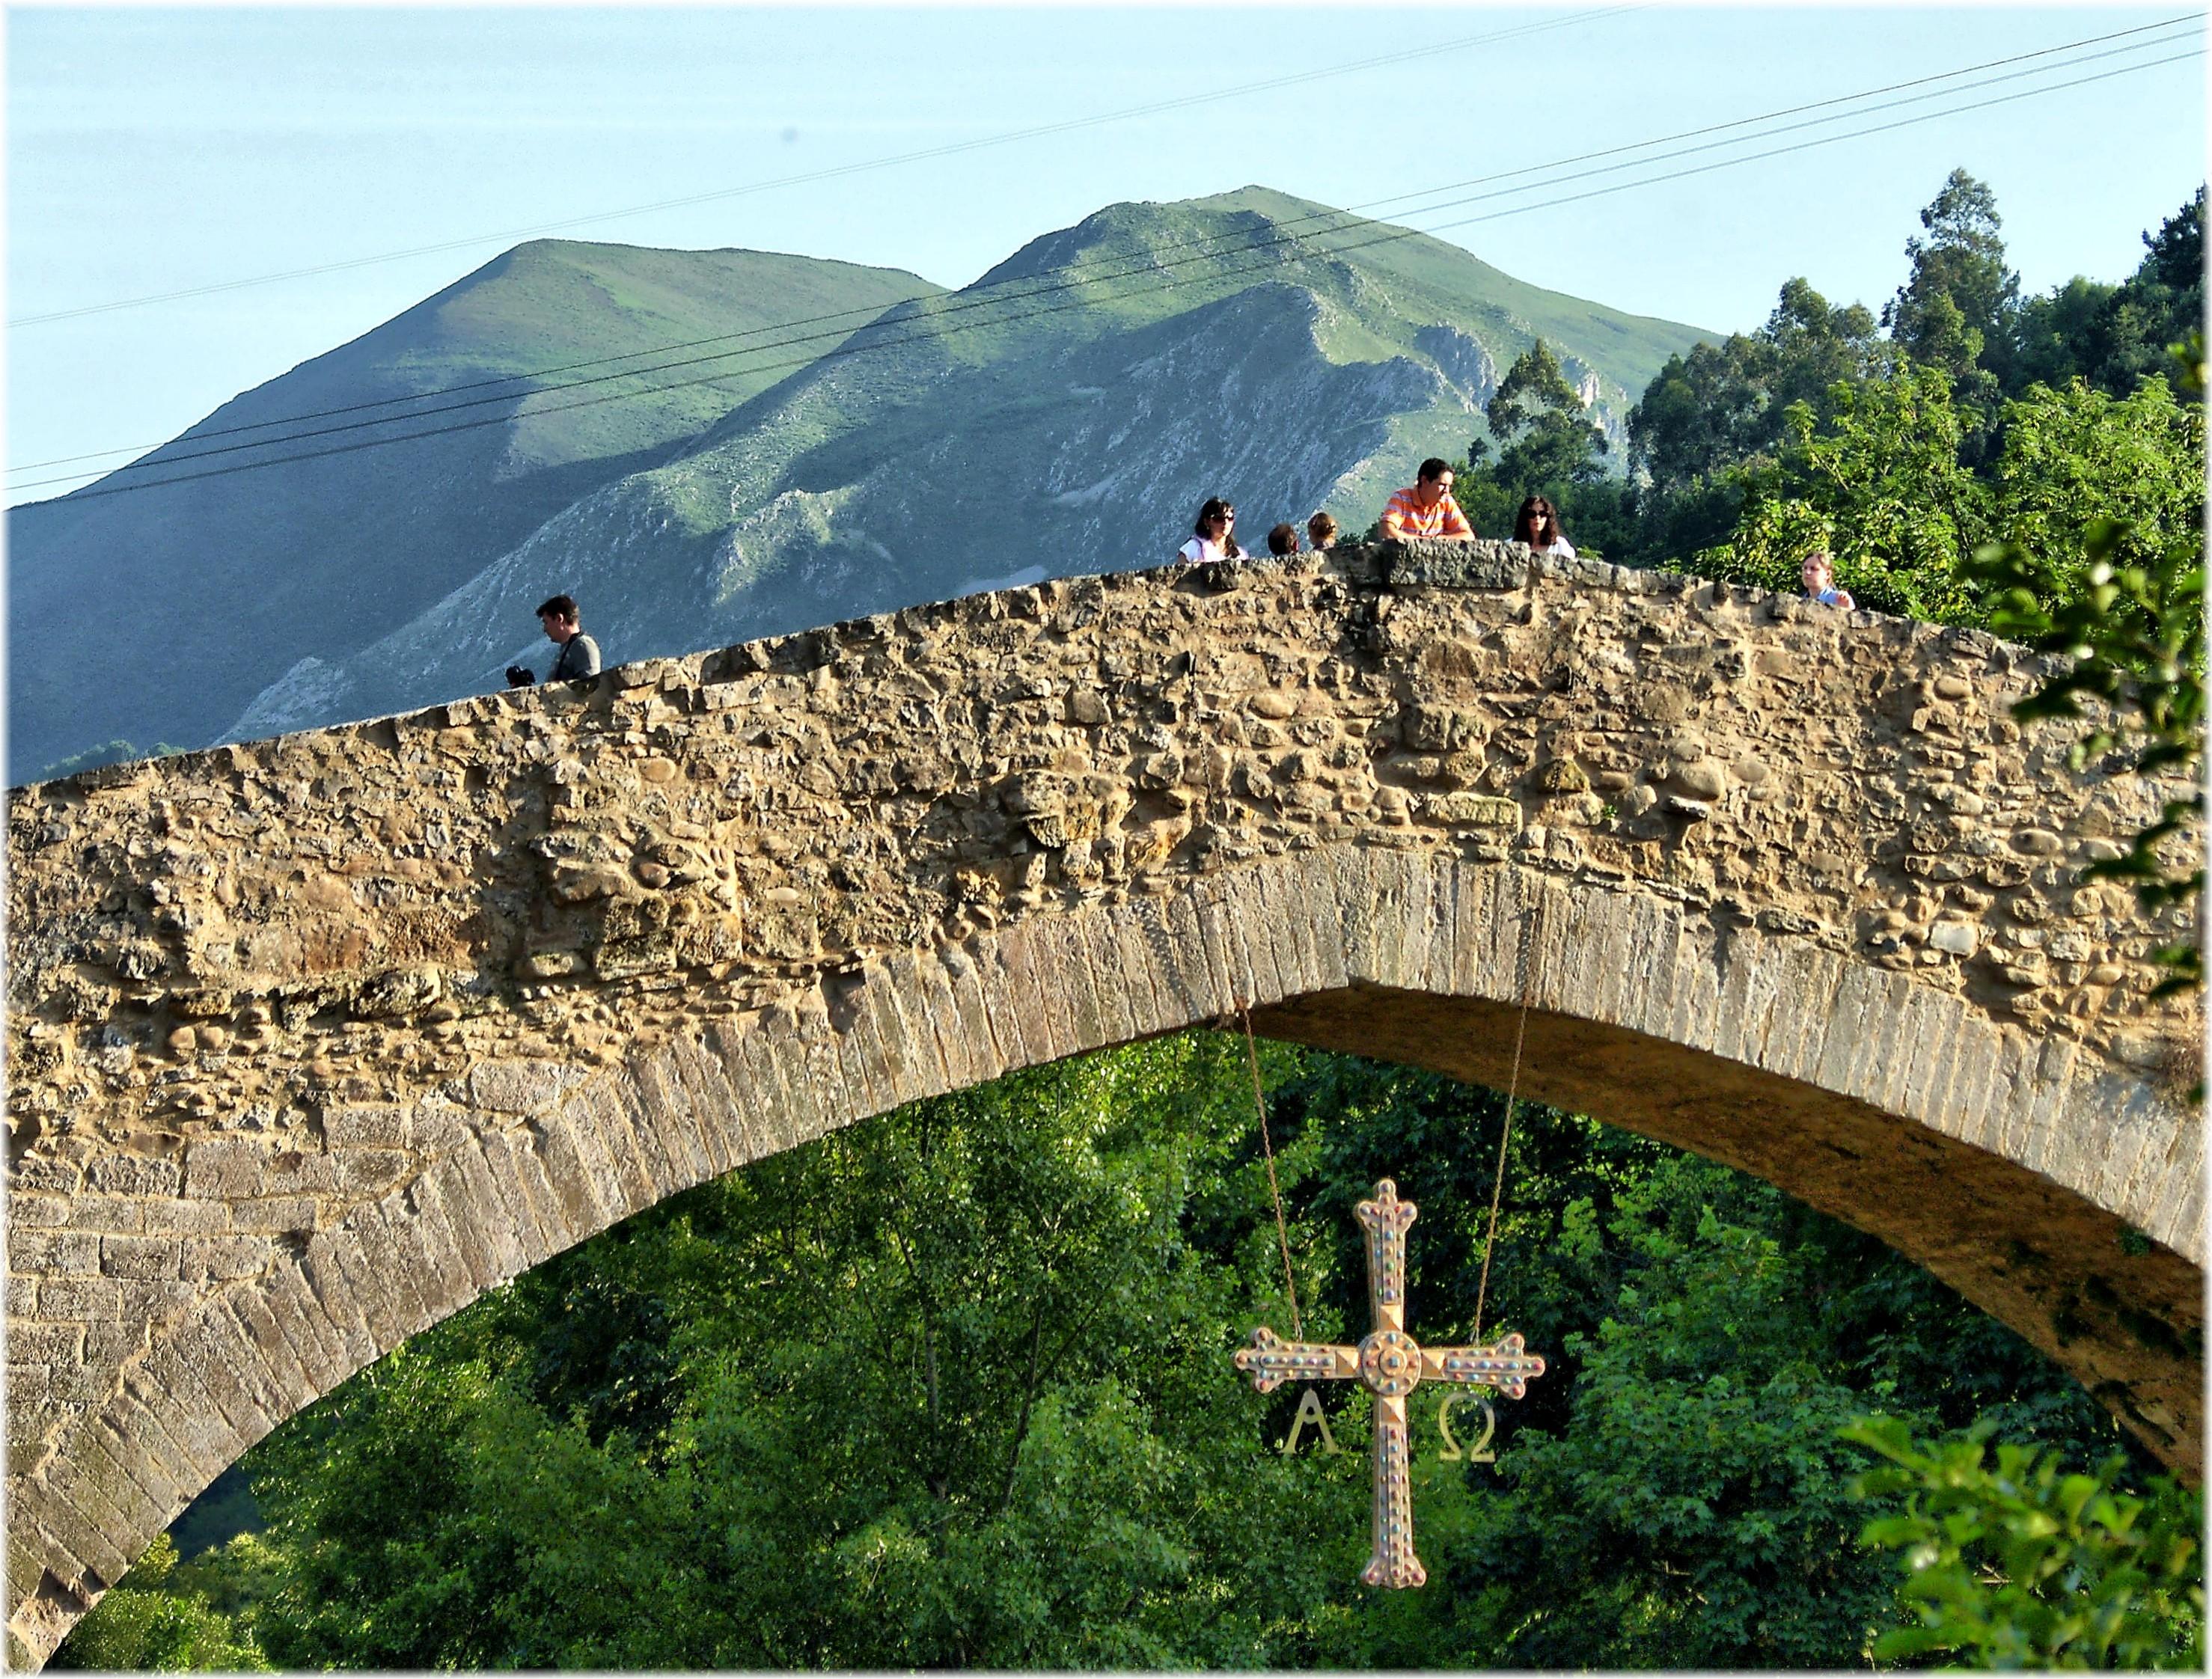 Imagen del puente romano en Cangas de Onís / Wikimedia commons